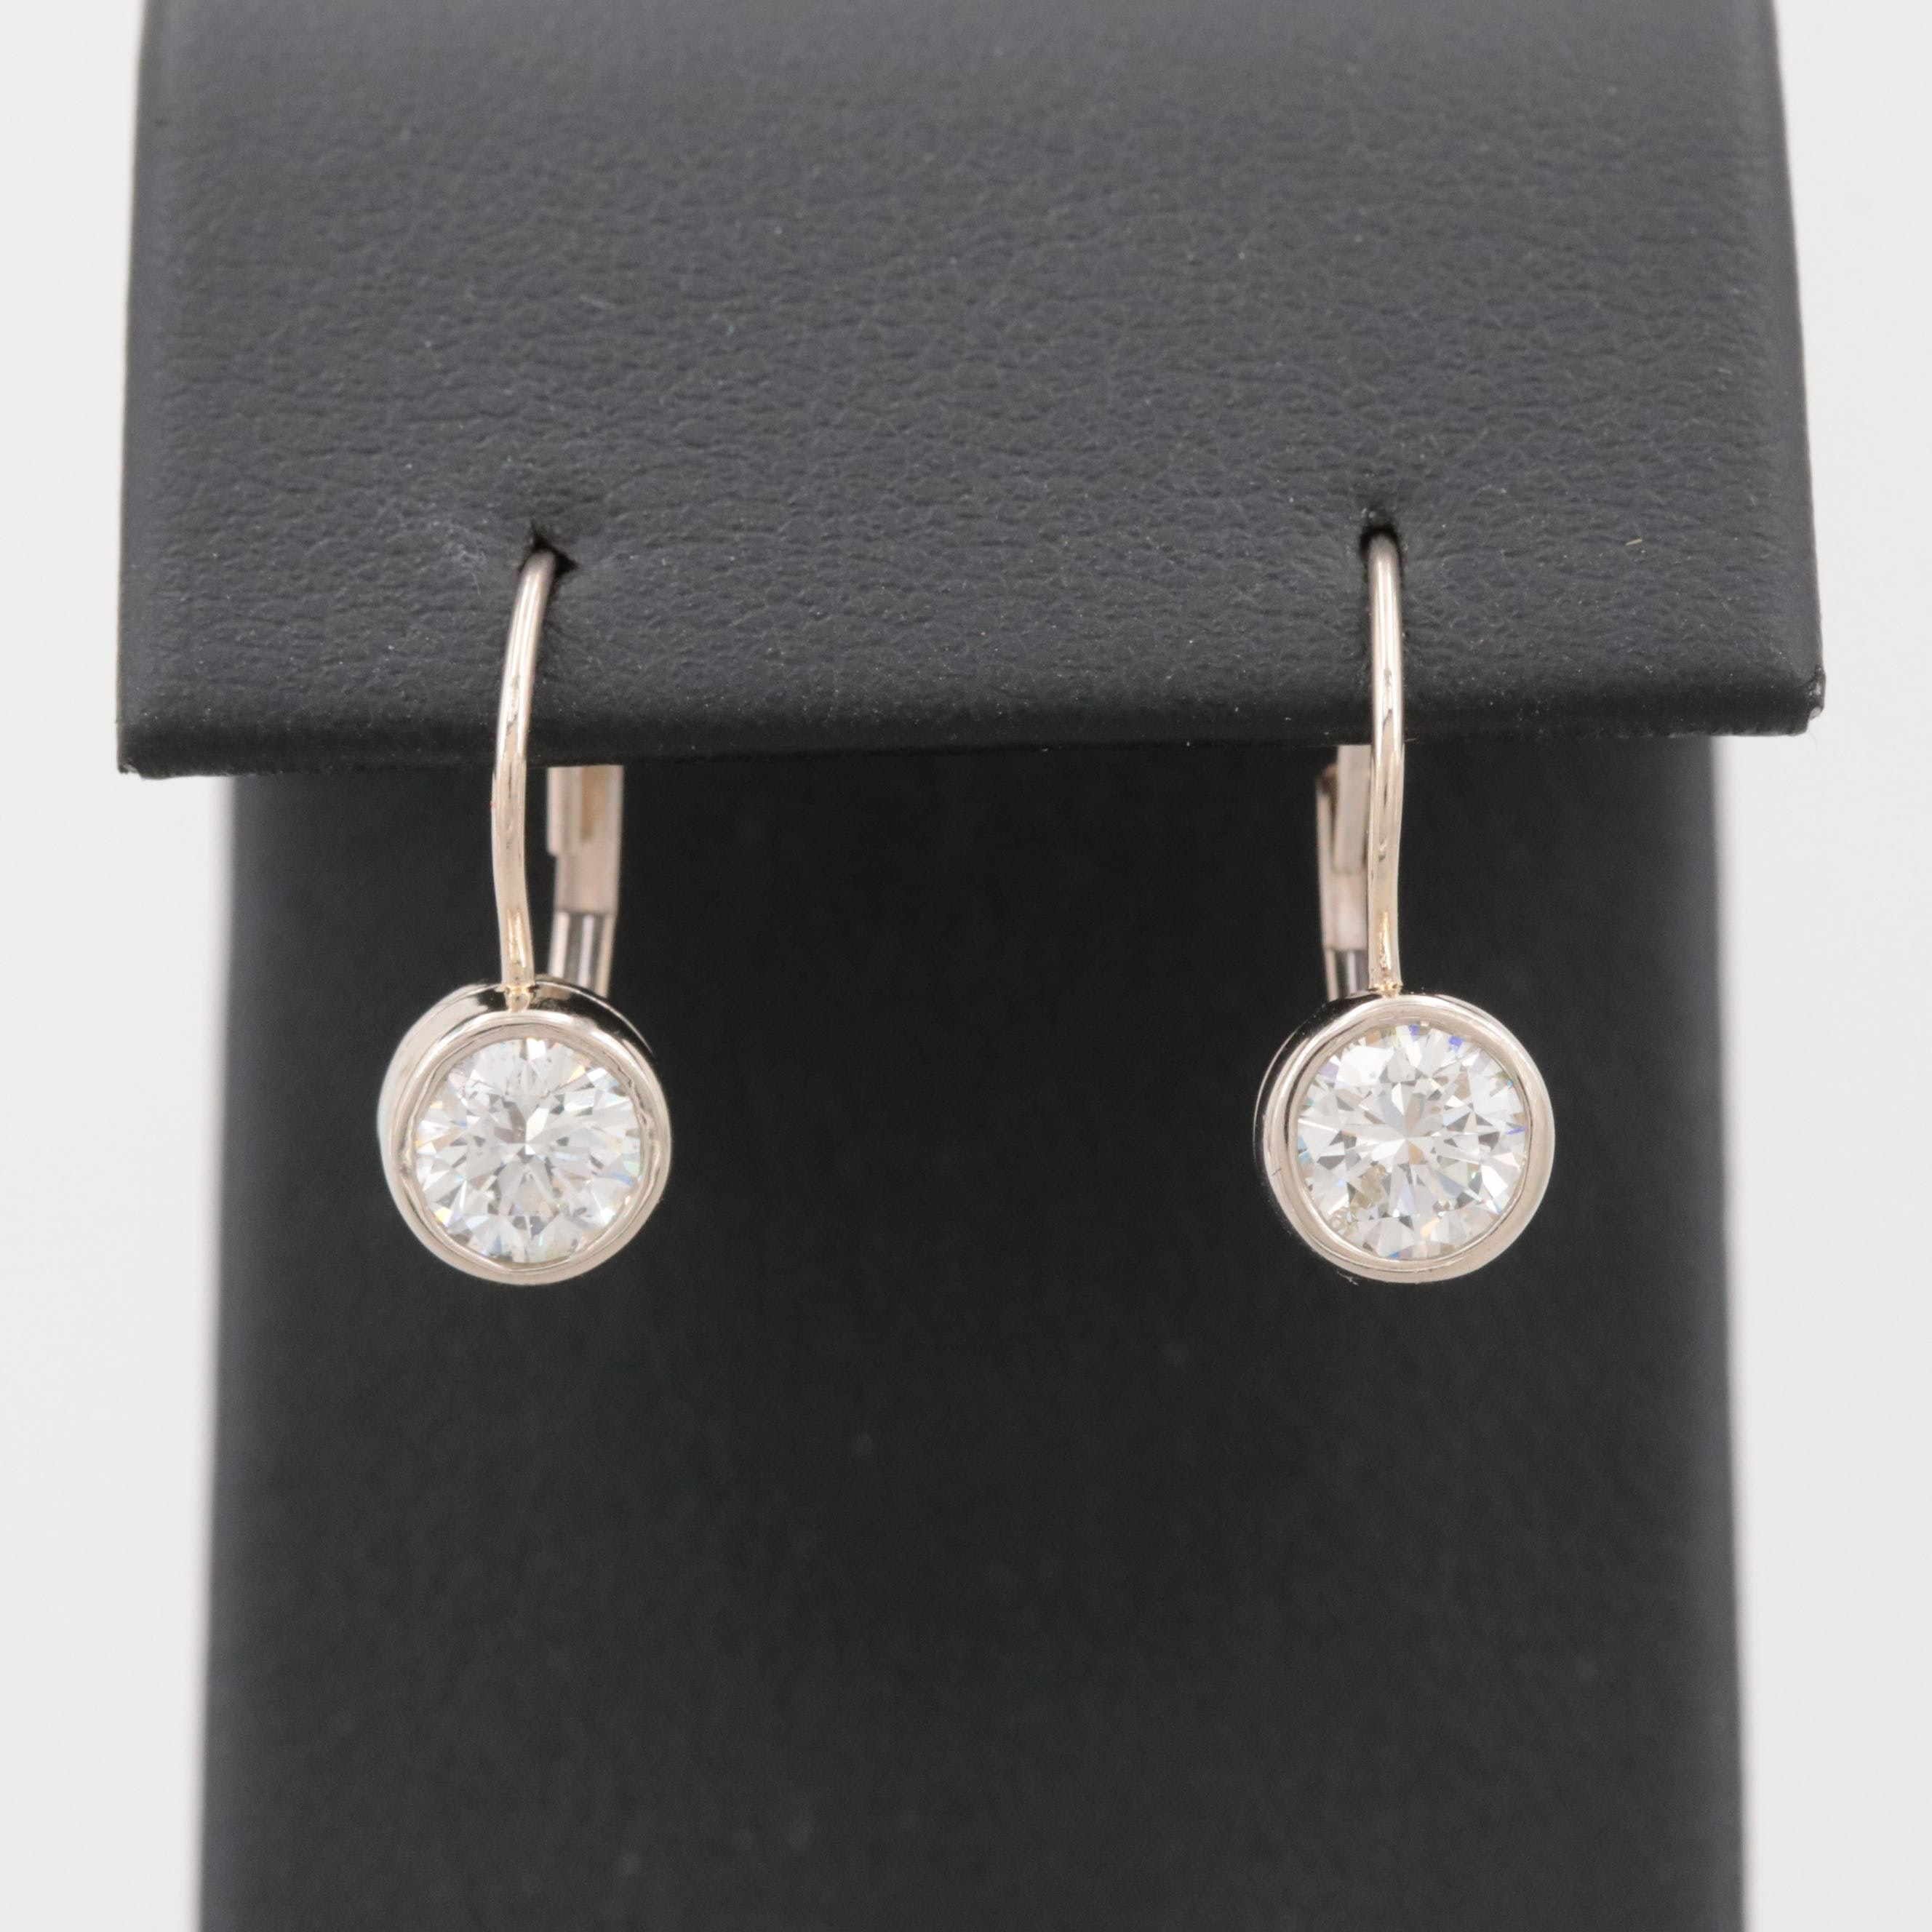 14K White Gold 1.34 CTW Diamond Earrings